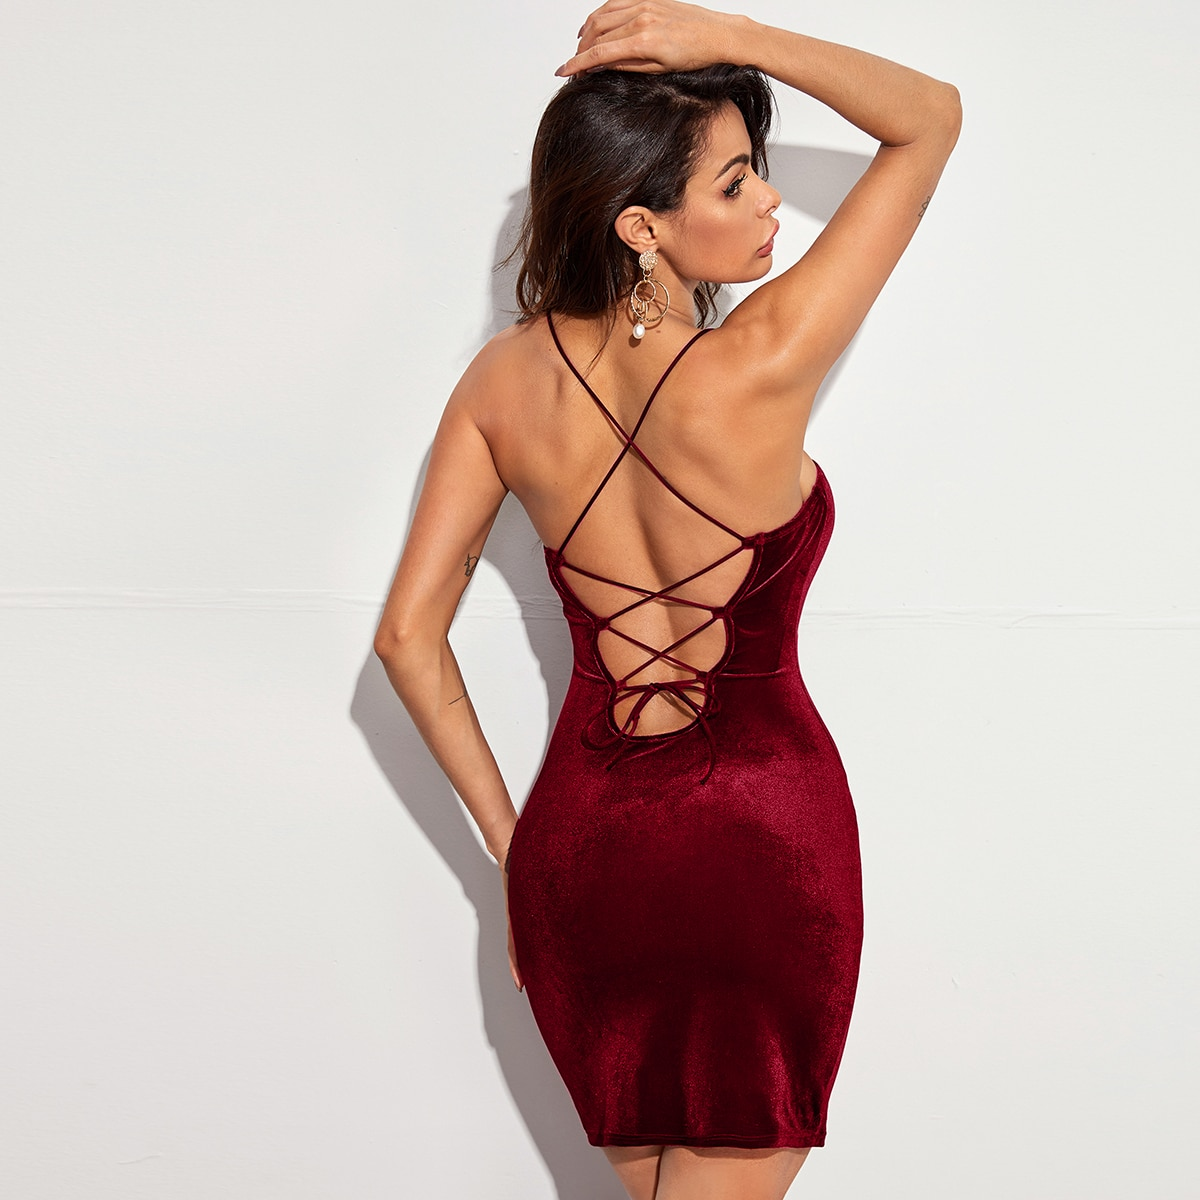 Бархатое облегающее платье с открытой спиной на шнурках SheIn swdress07210611484